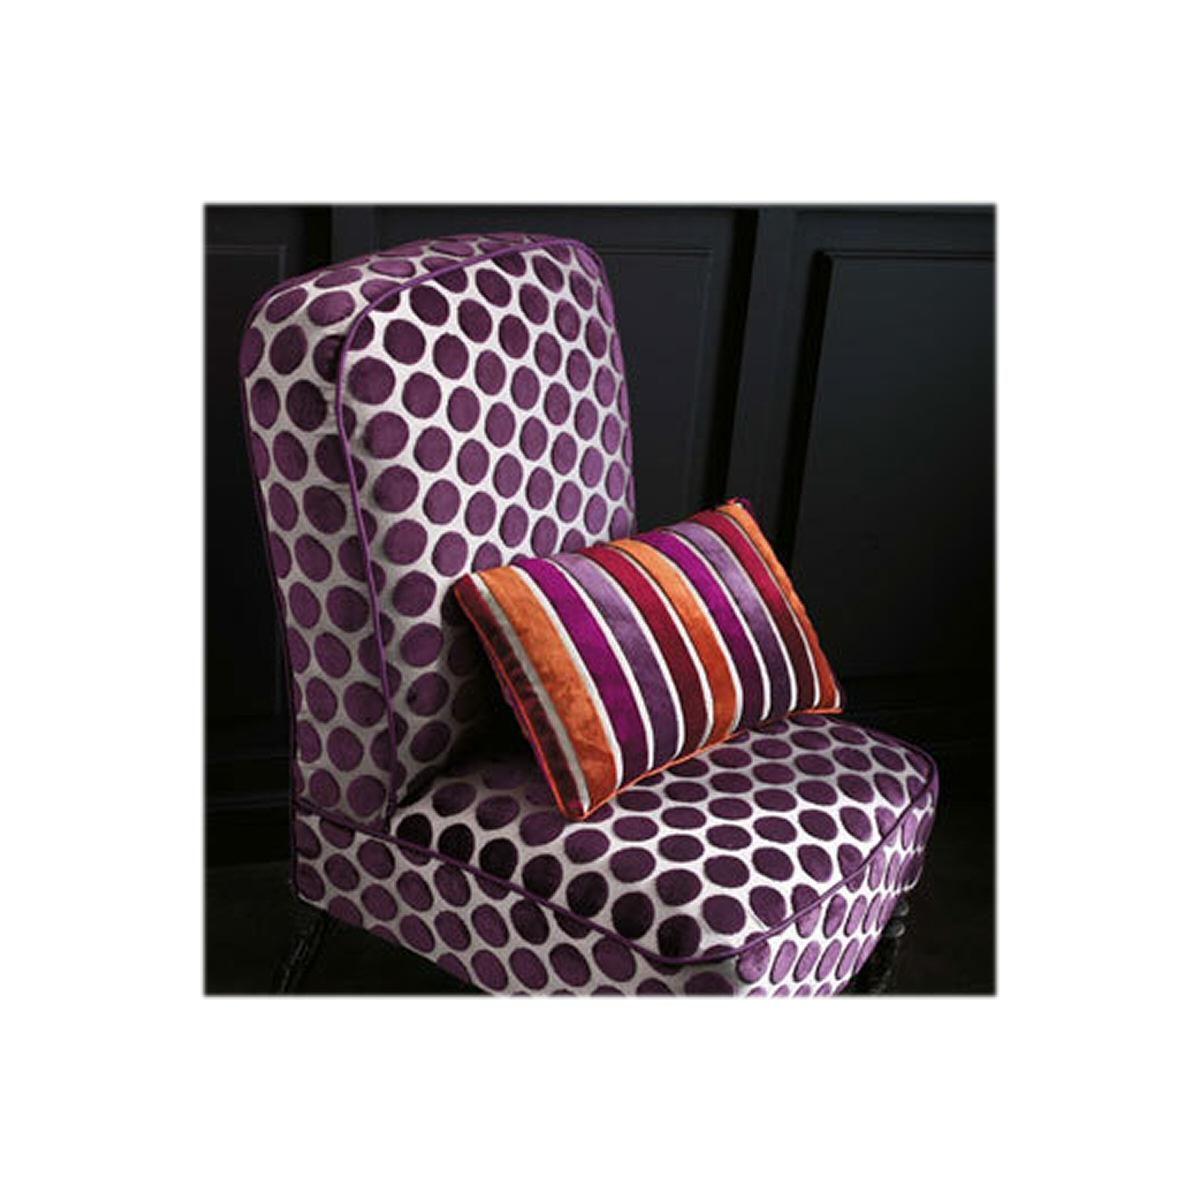 tissu velours Artista de casamance | Architecture design